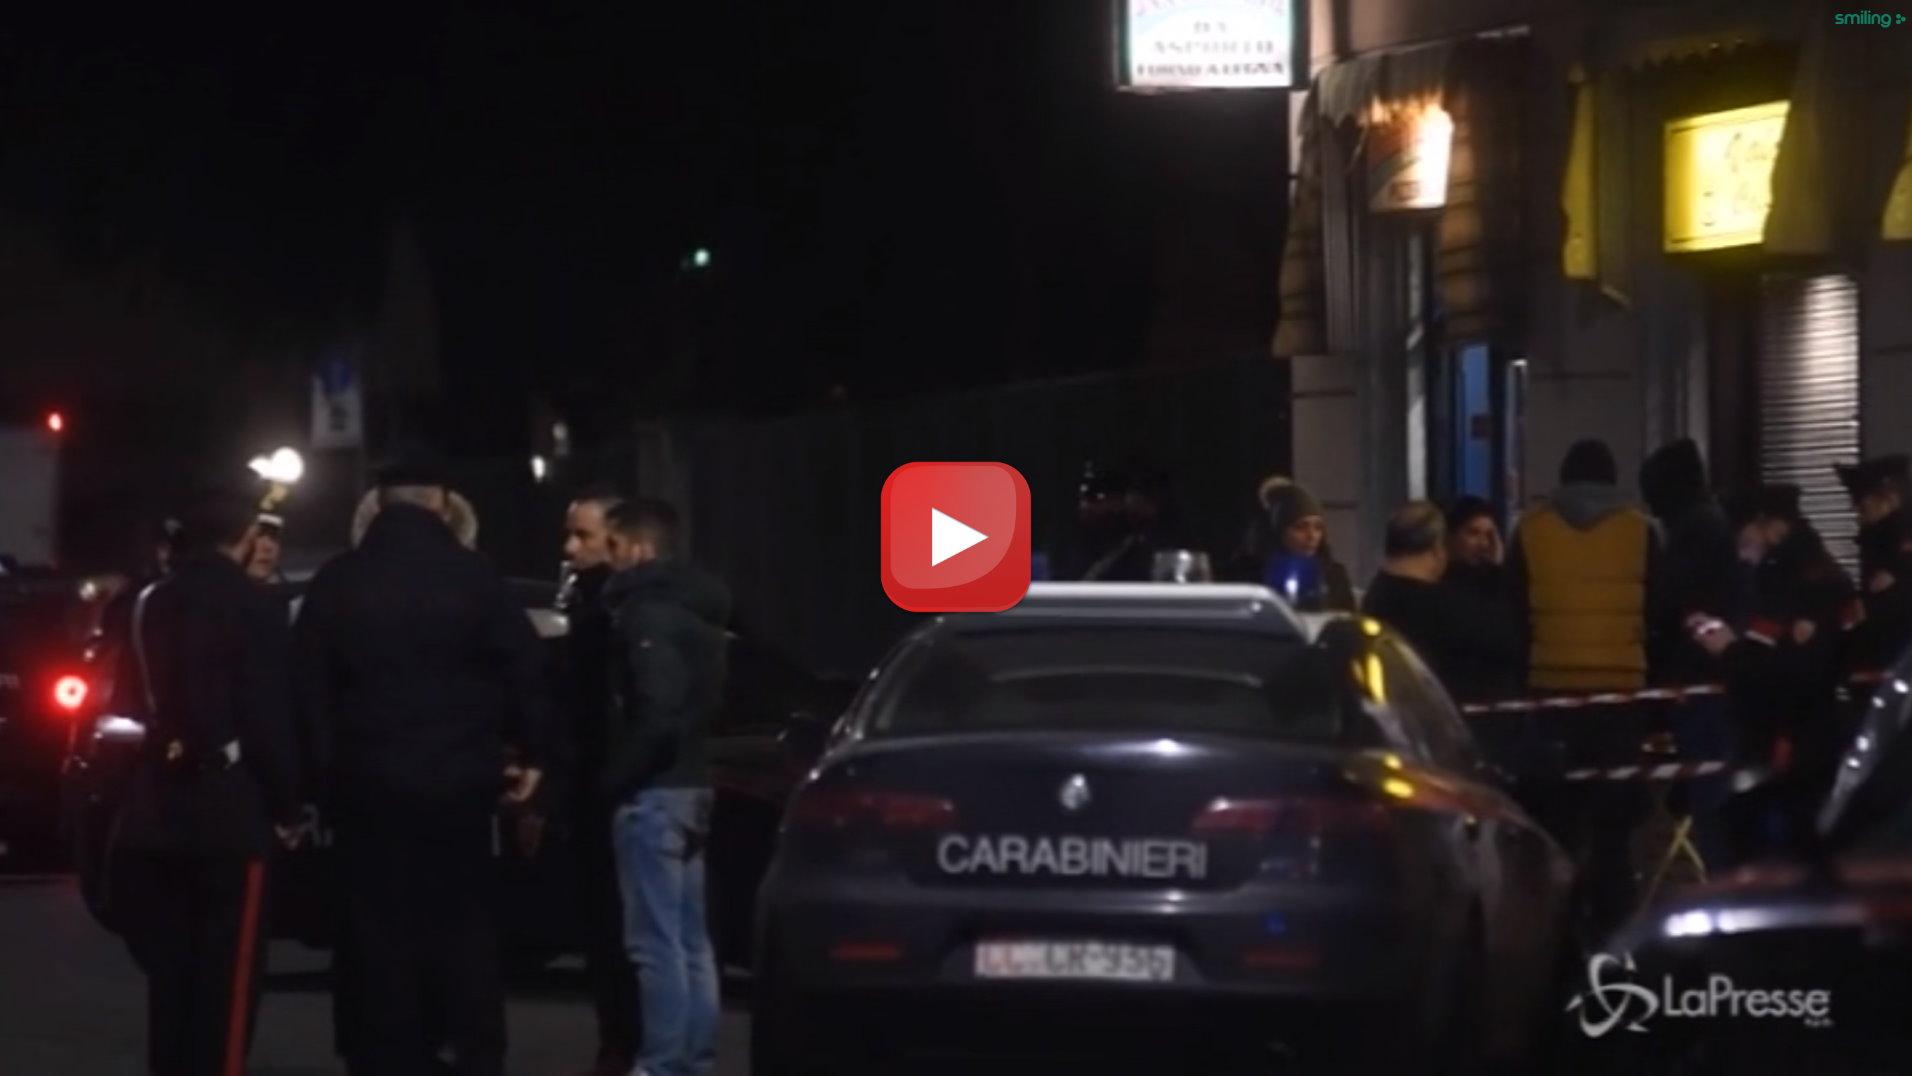 Milano, sparatoria a Baggio: l'intervento dei carabinieri